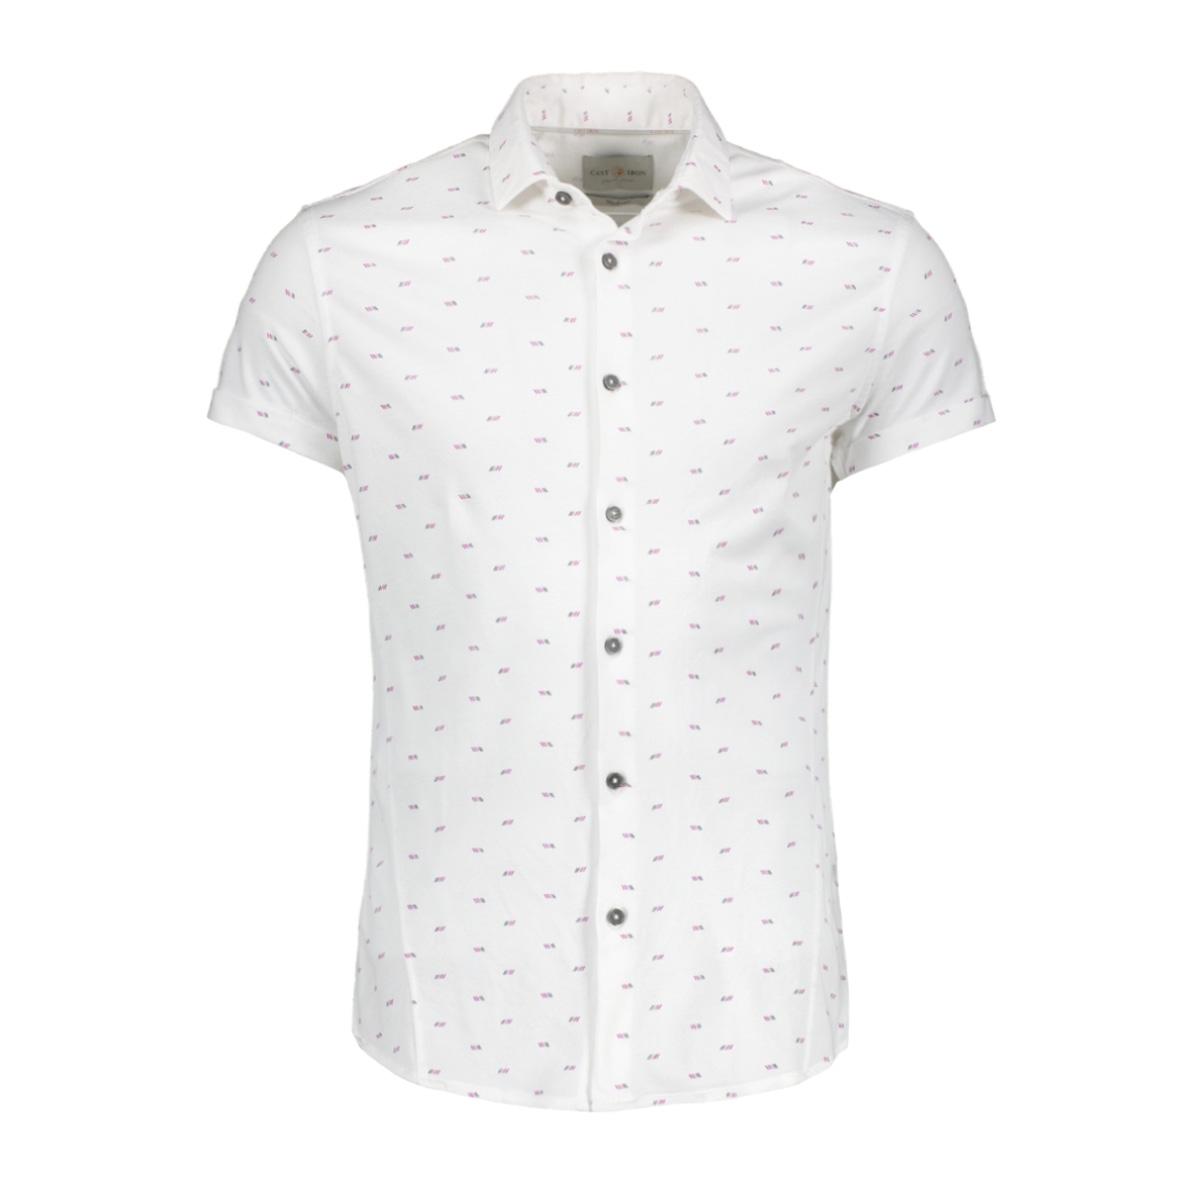 jersey pique shirt csis204656 cast iron overhemd 900 white